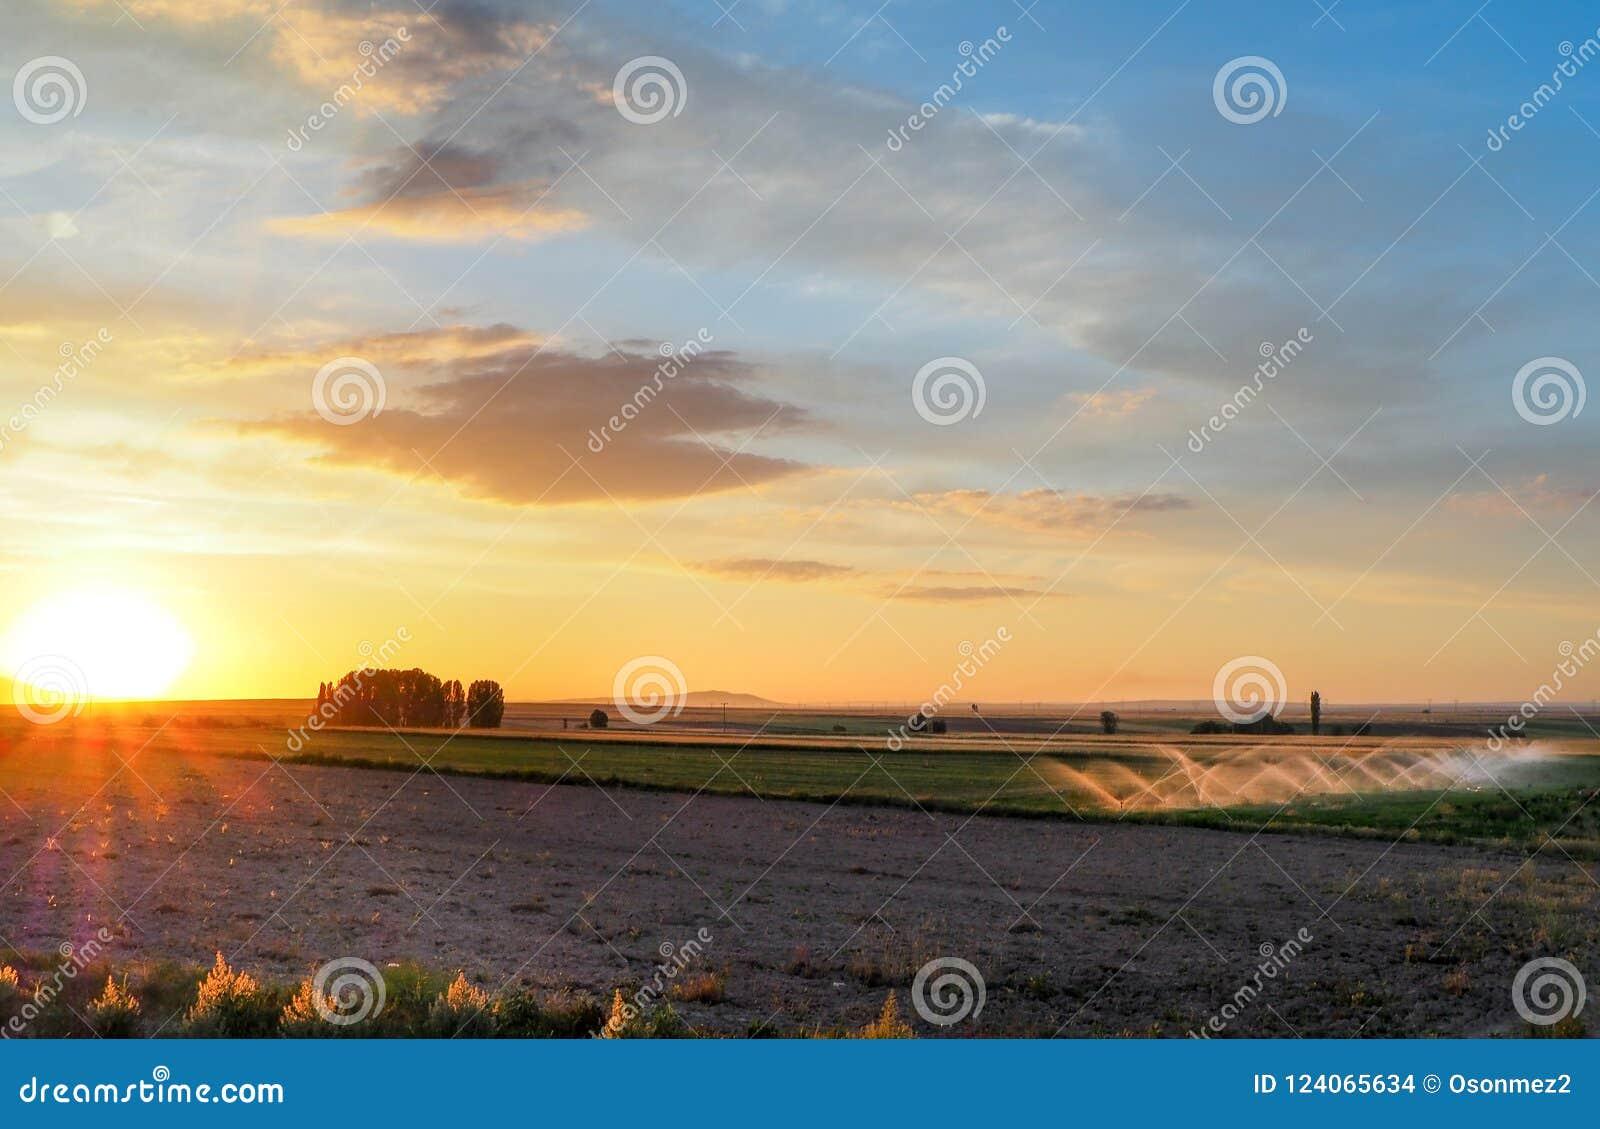 Processus de arrosage dans le domaine au coucher du soleil irrigation des cultures cultivées dans le domaine